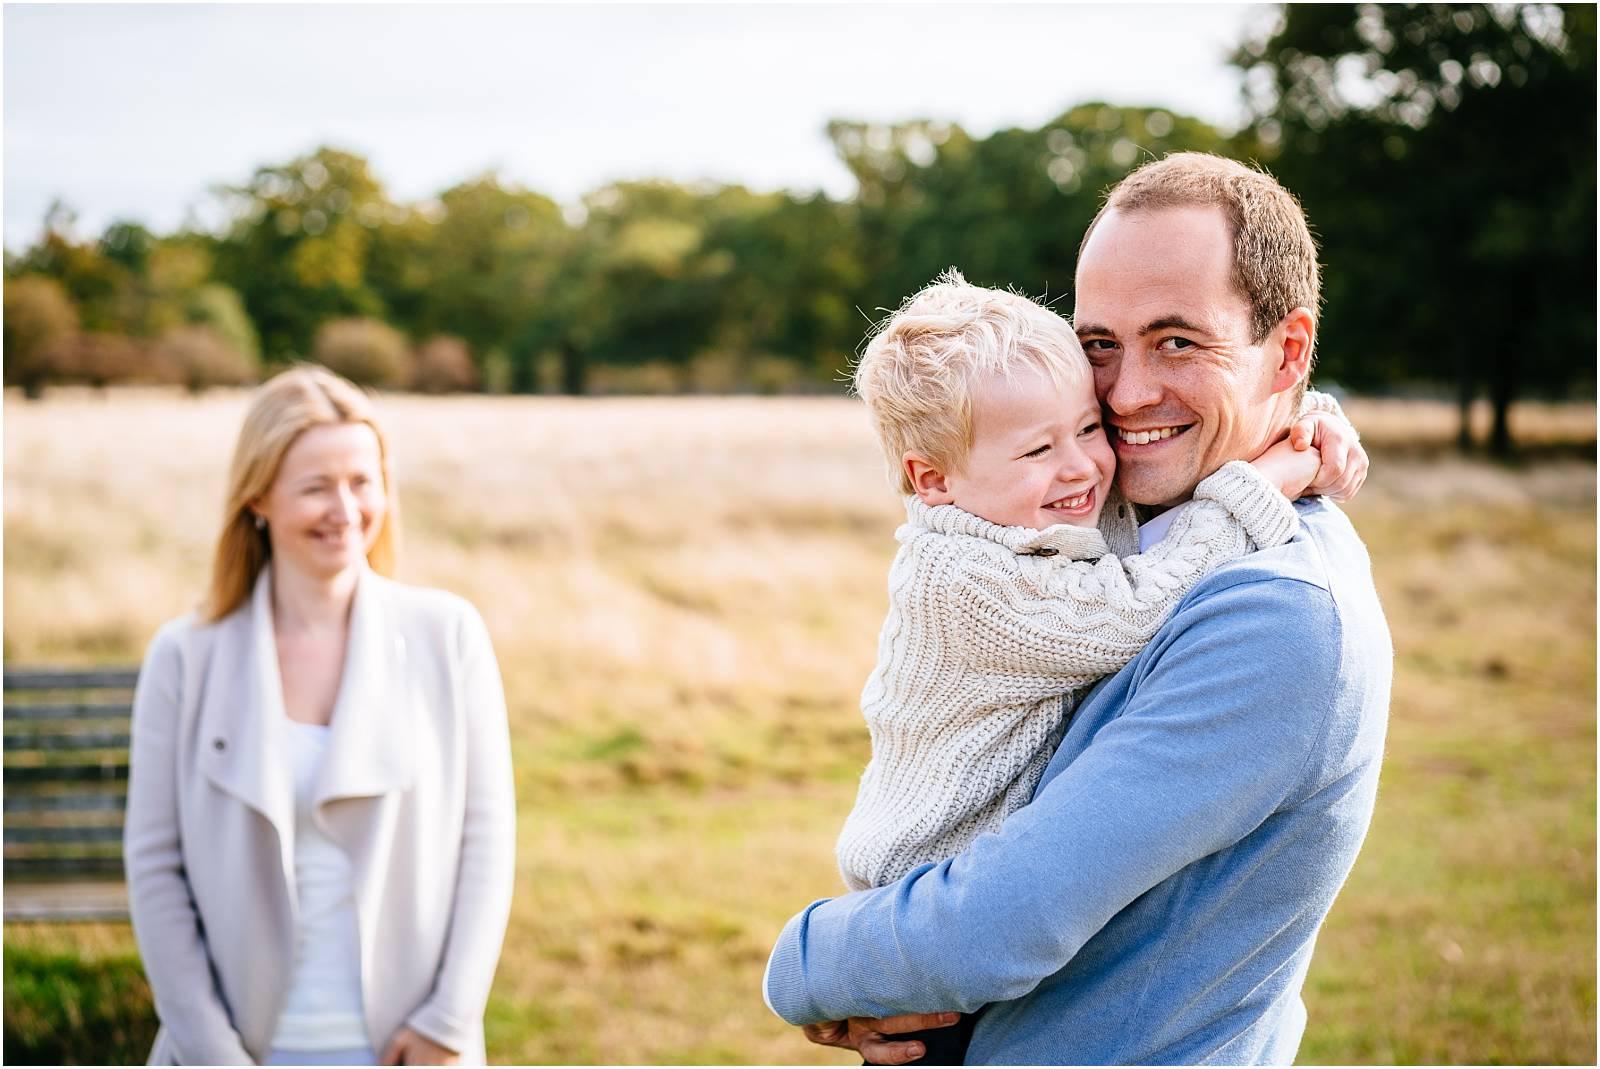 Smiling family in bushy park